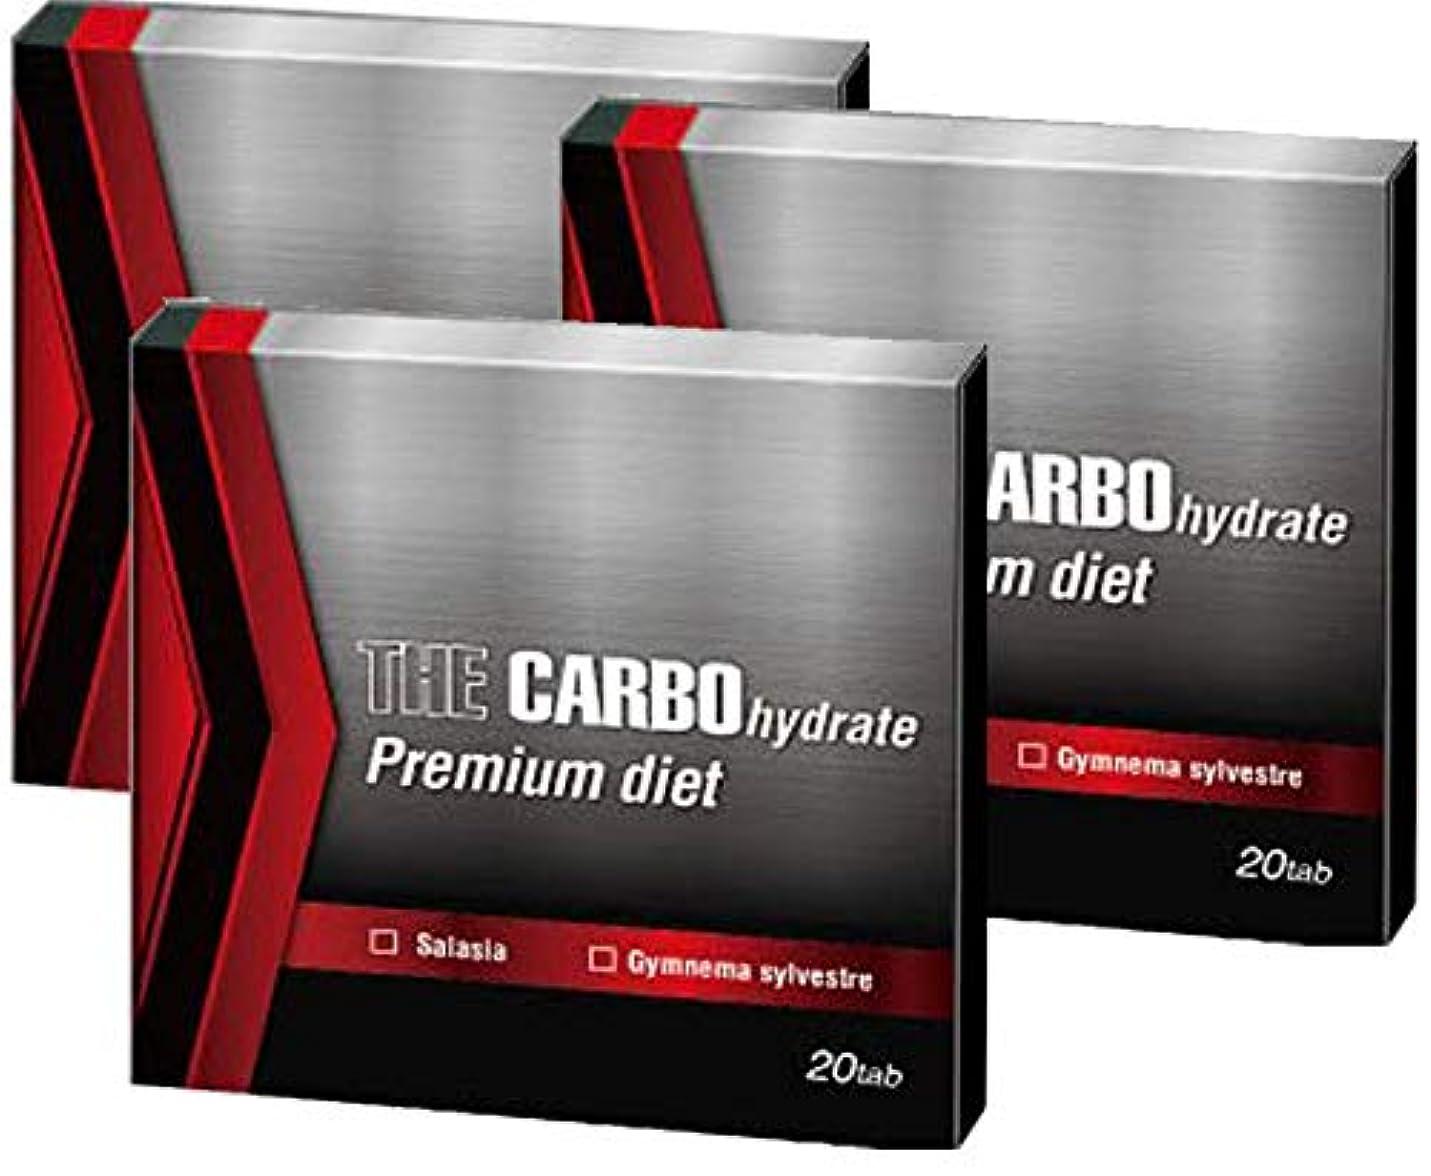 居間ログアクセサリーザ?糖質プレミアムダイエット20Tab×3箱セット〔THE CARBO hydrate Premium daiet〕